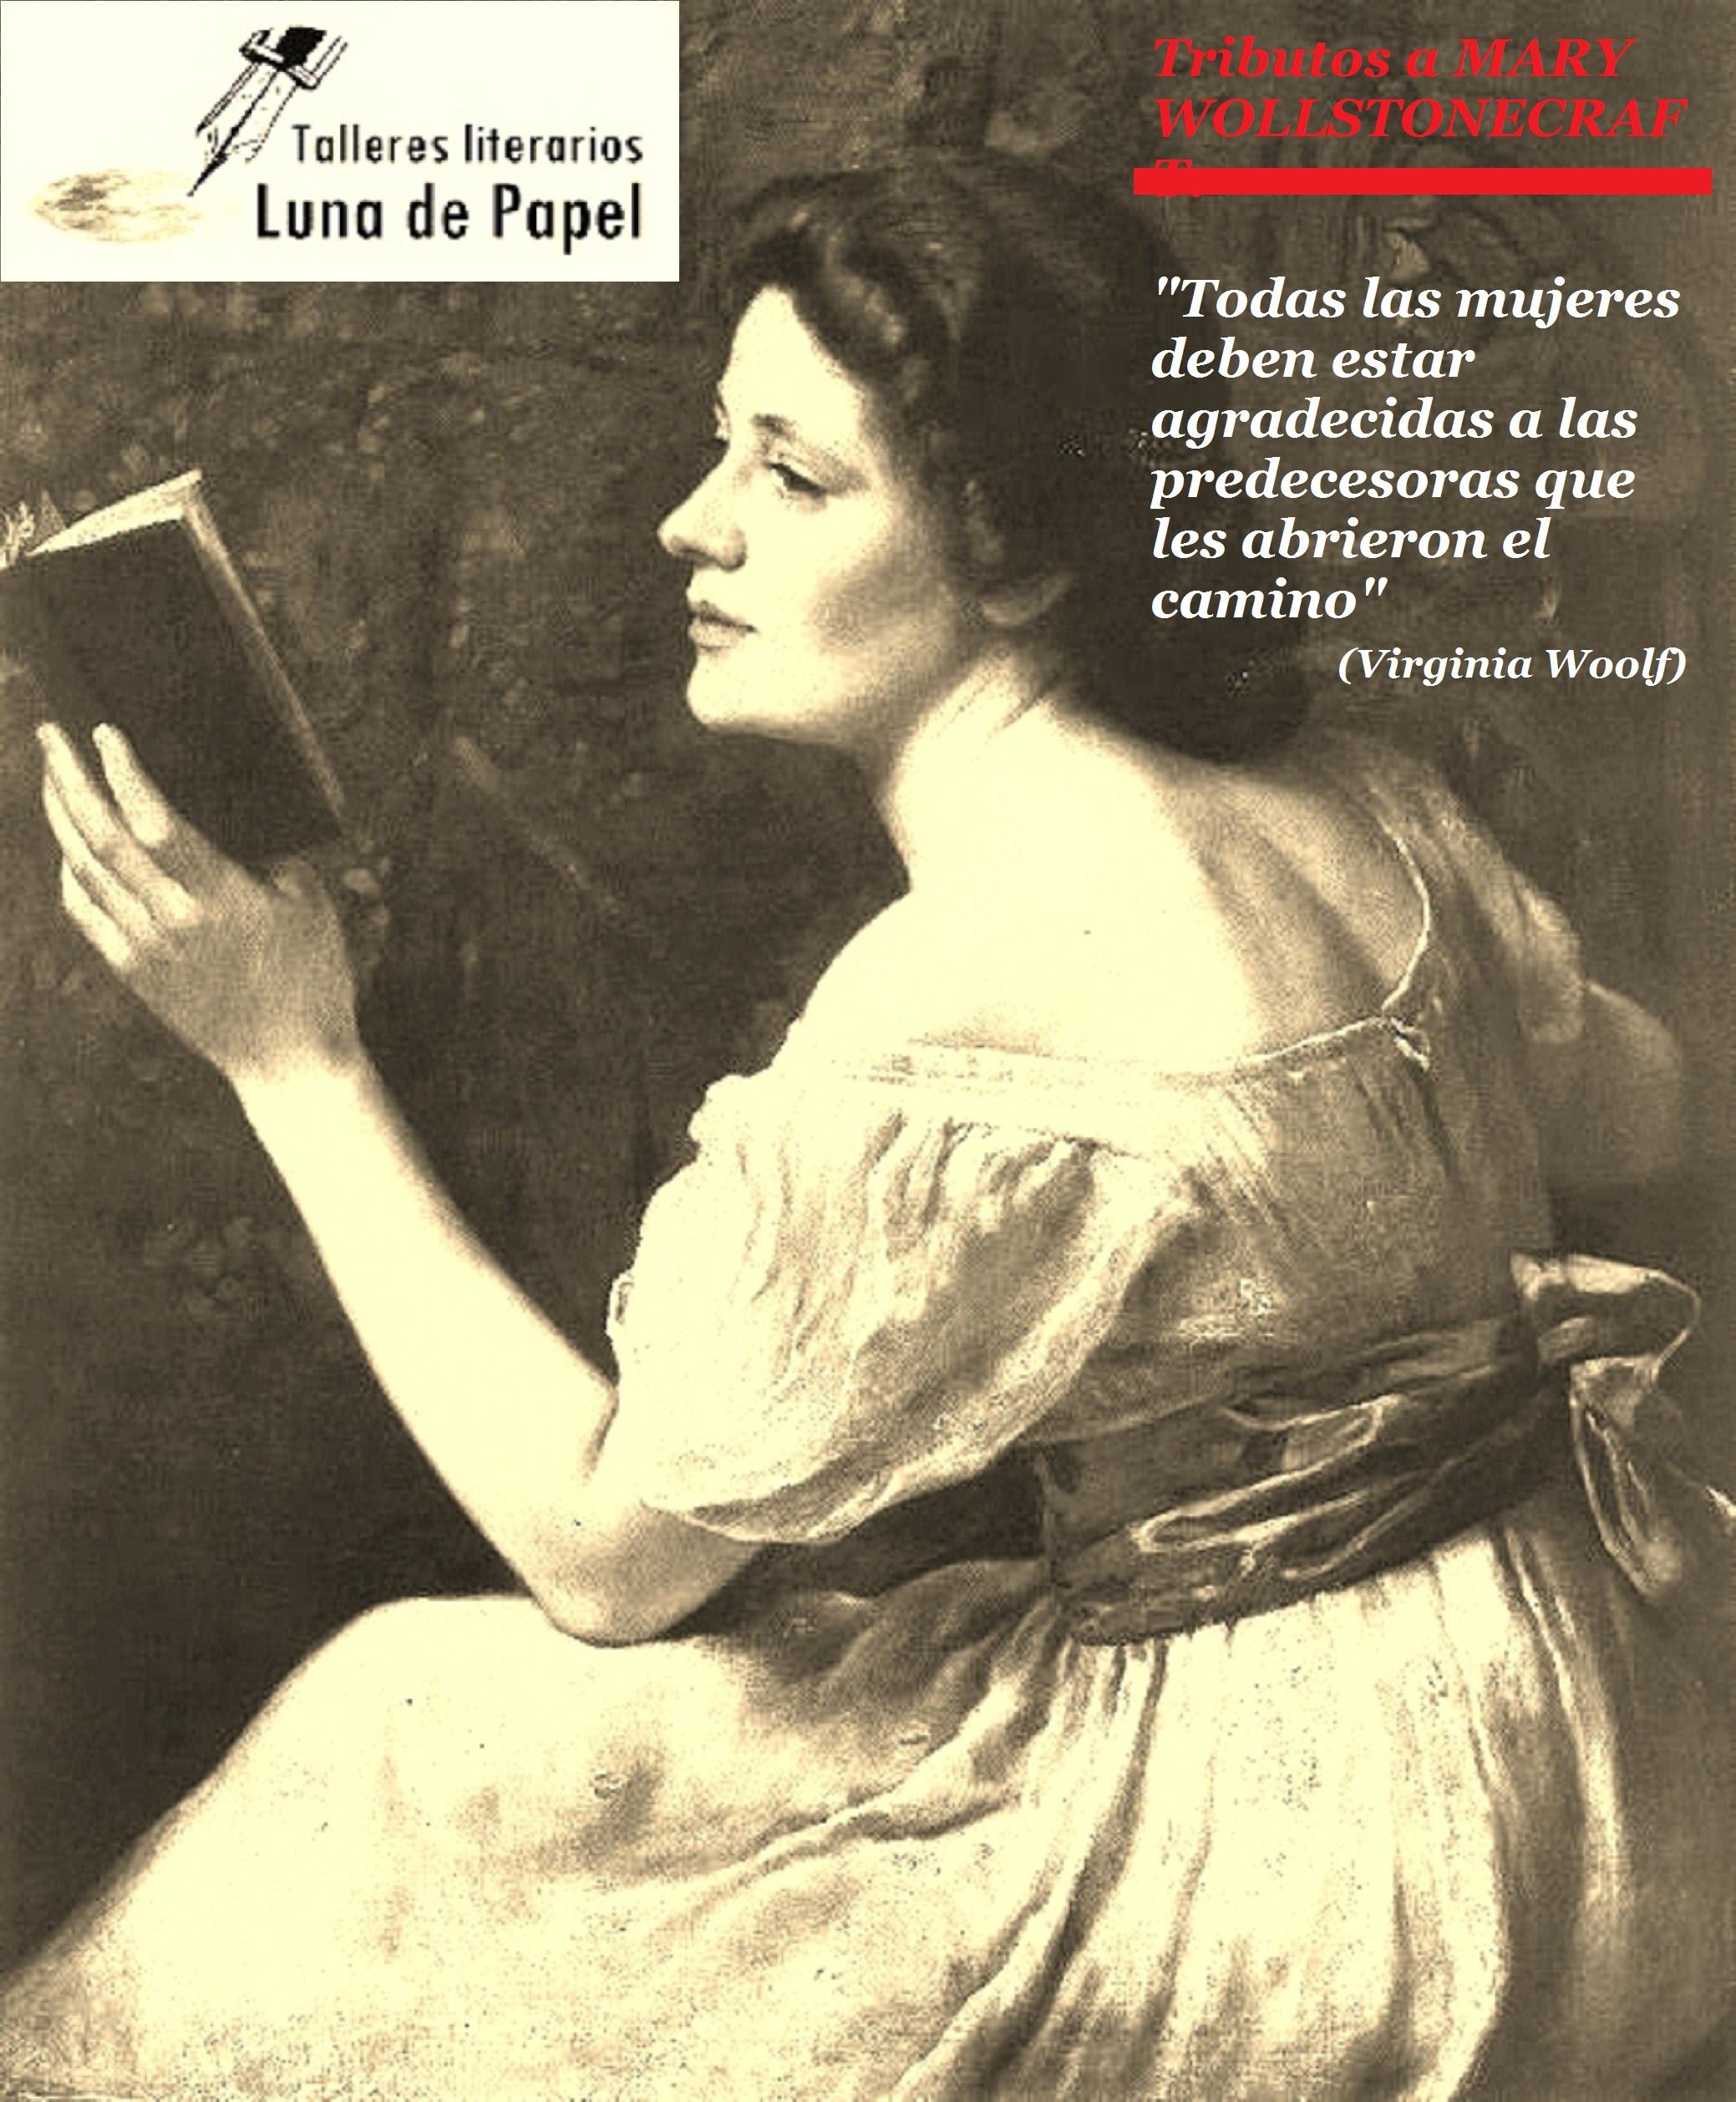 MARY WOLLSTONECRAFT: VINDICACIÓN DE LOS DERECHOS DE LA MUJER. Cursos y talleres literarios